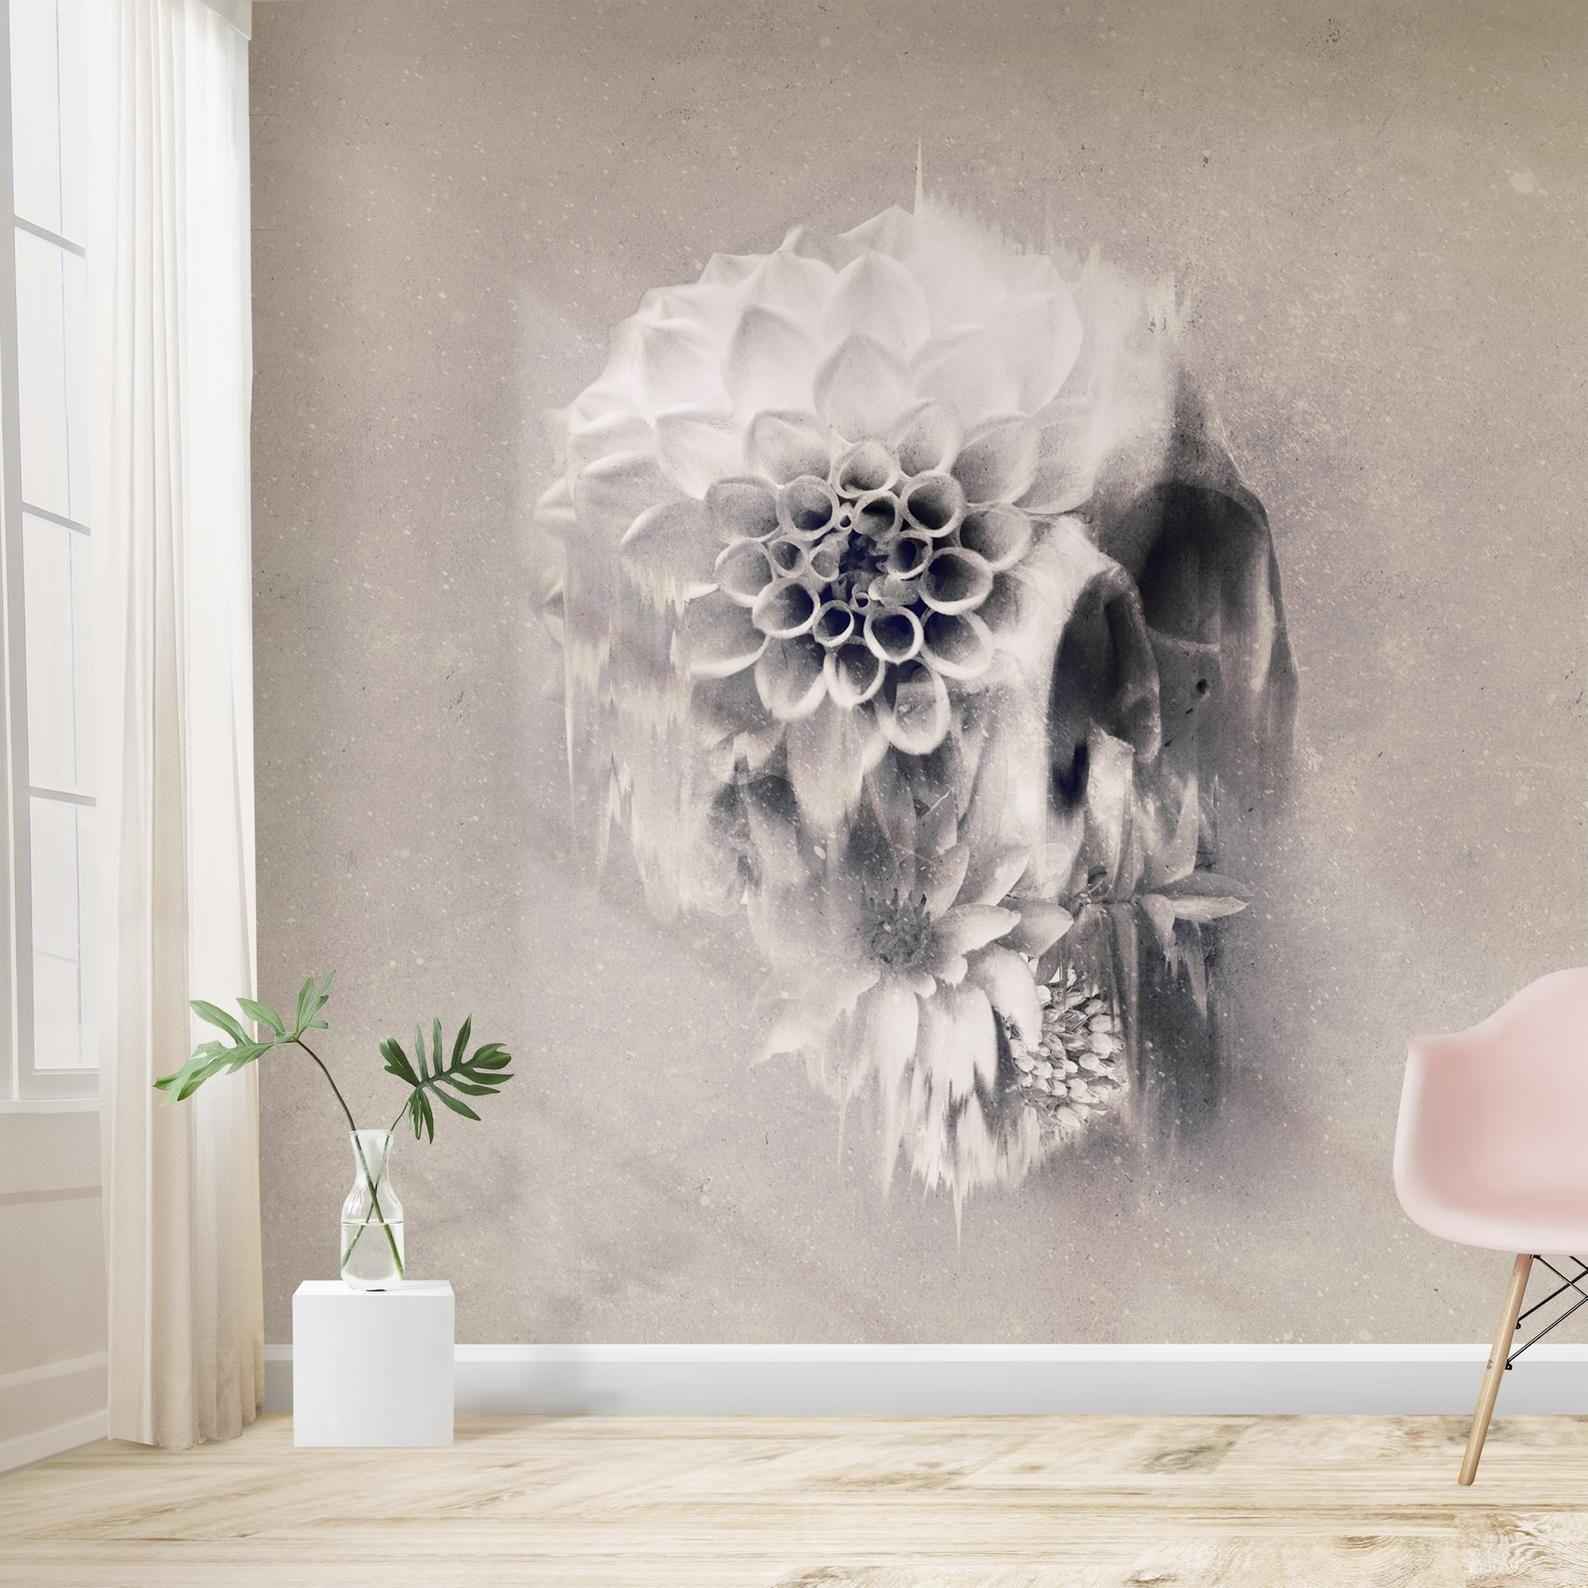 Flower Skull Wallpaper Home Decor Light Floral Skull Art Print